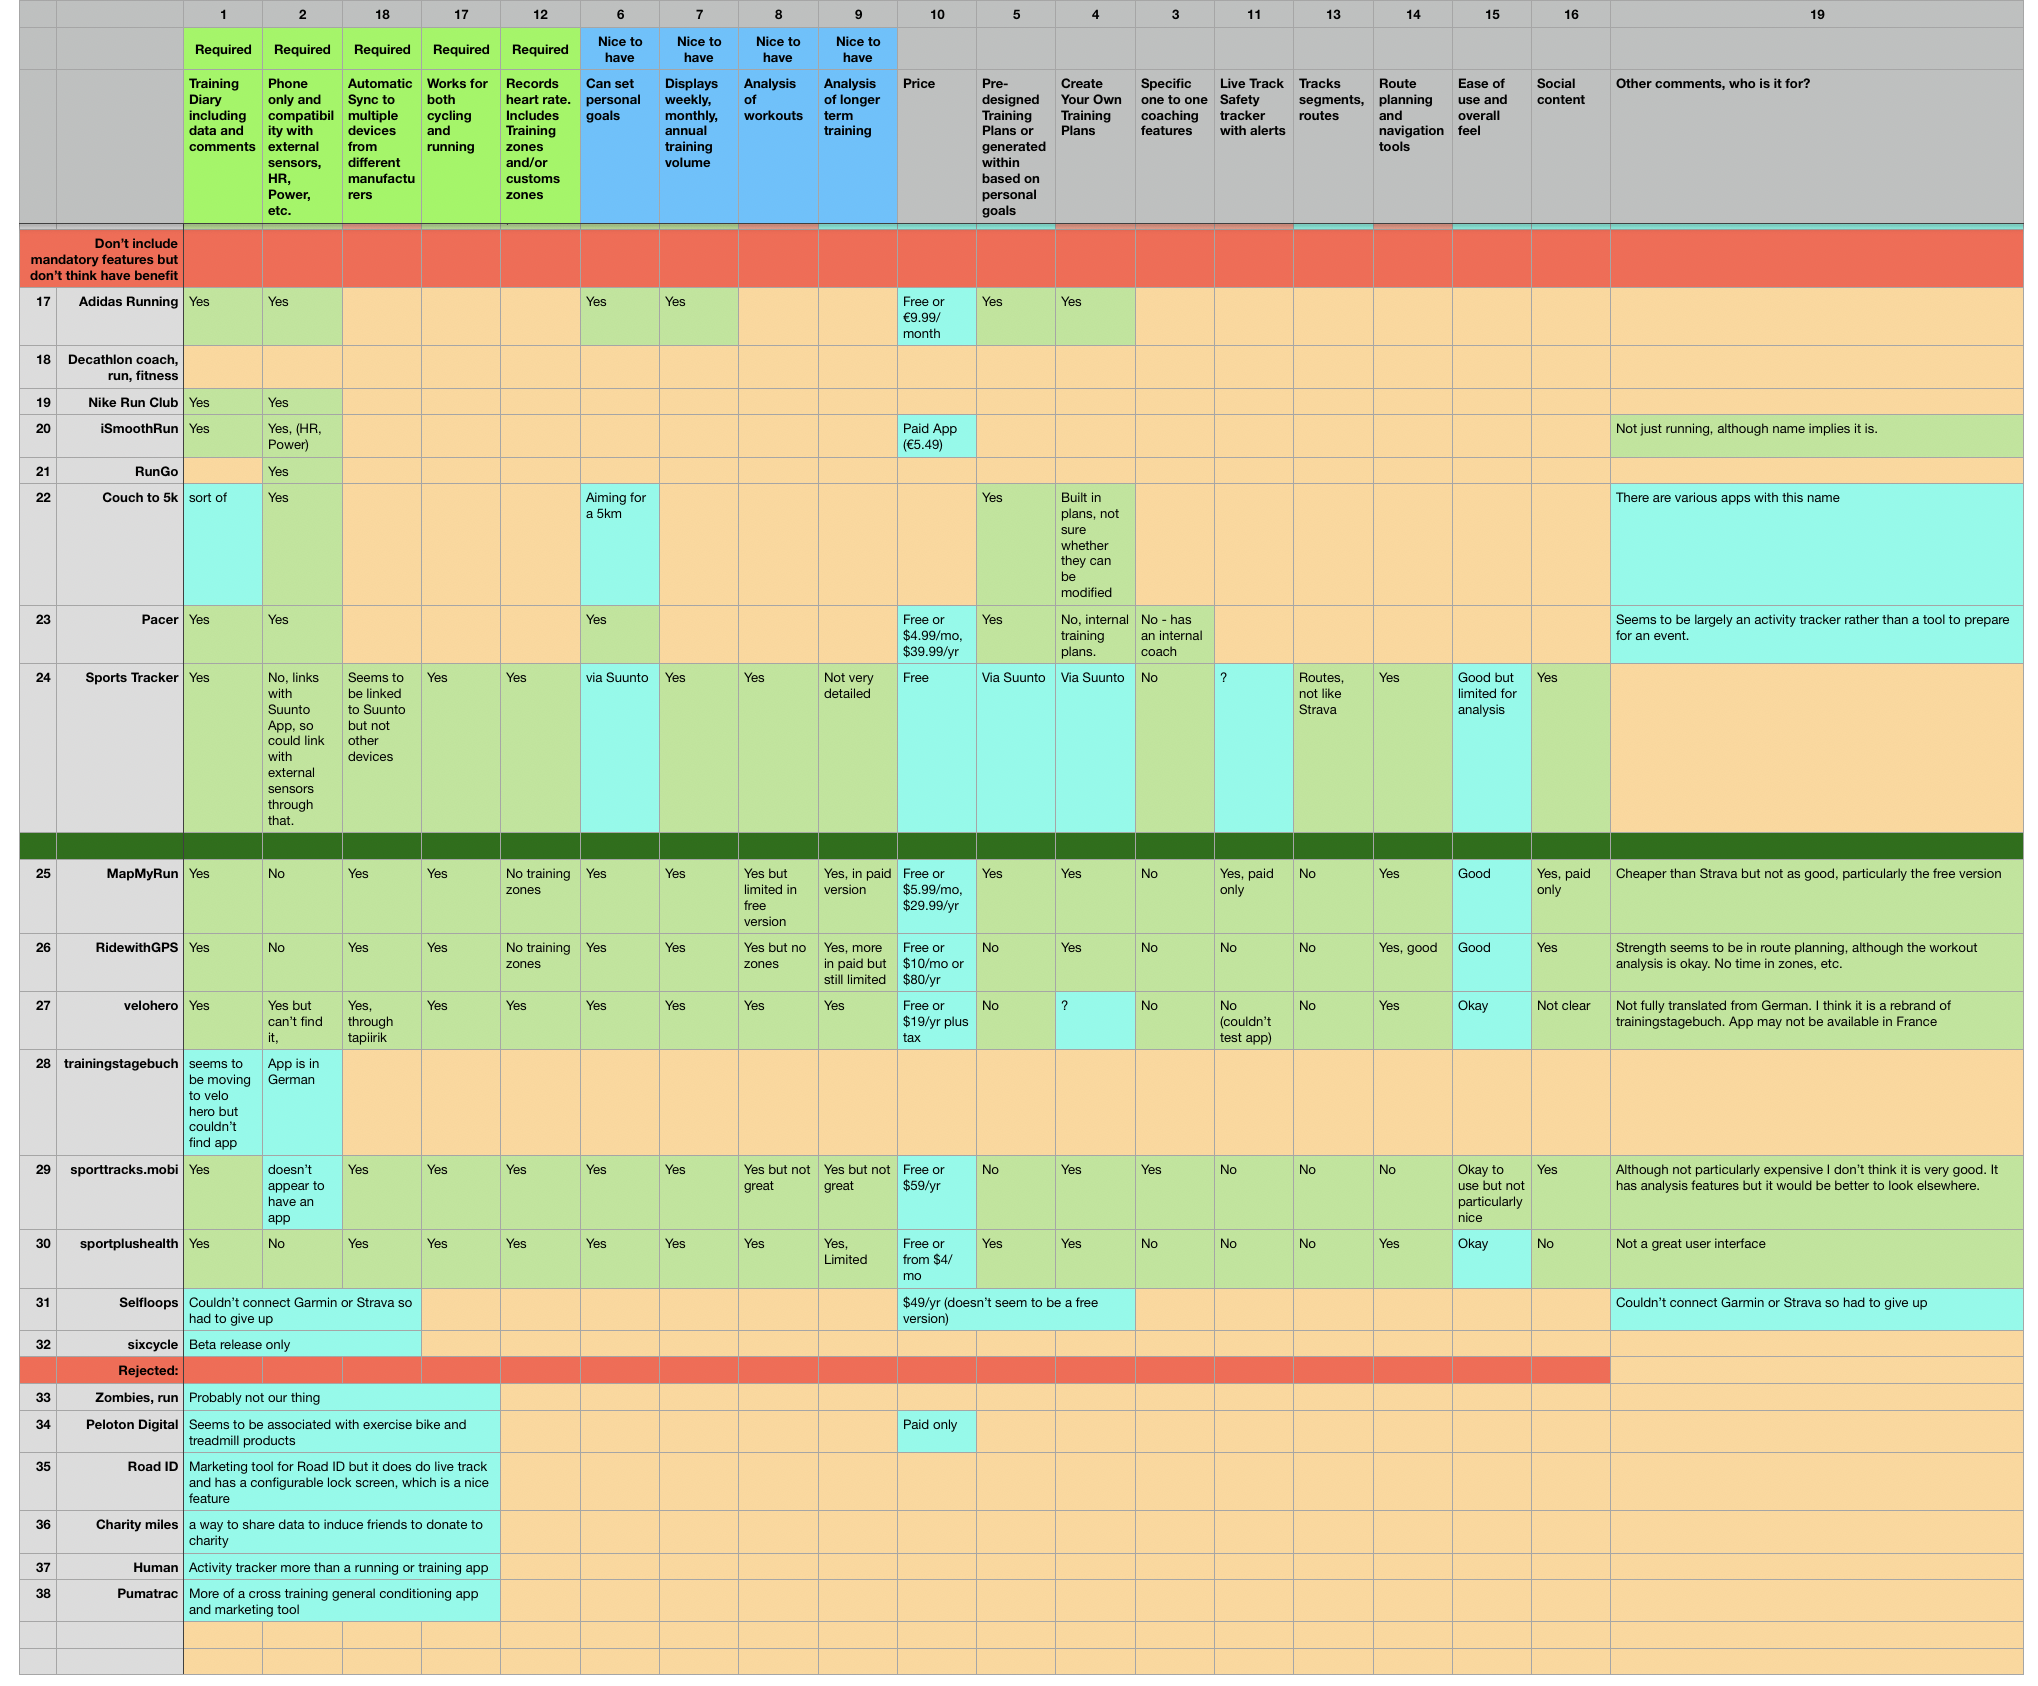 Screenshot 2020-03-23 at 09.01.54.png